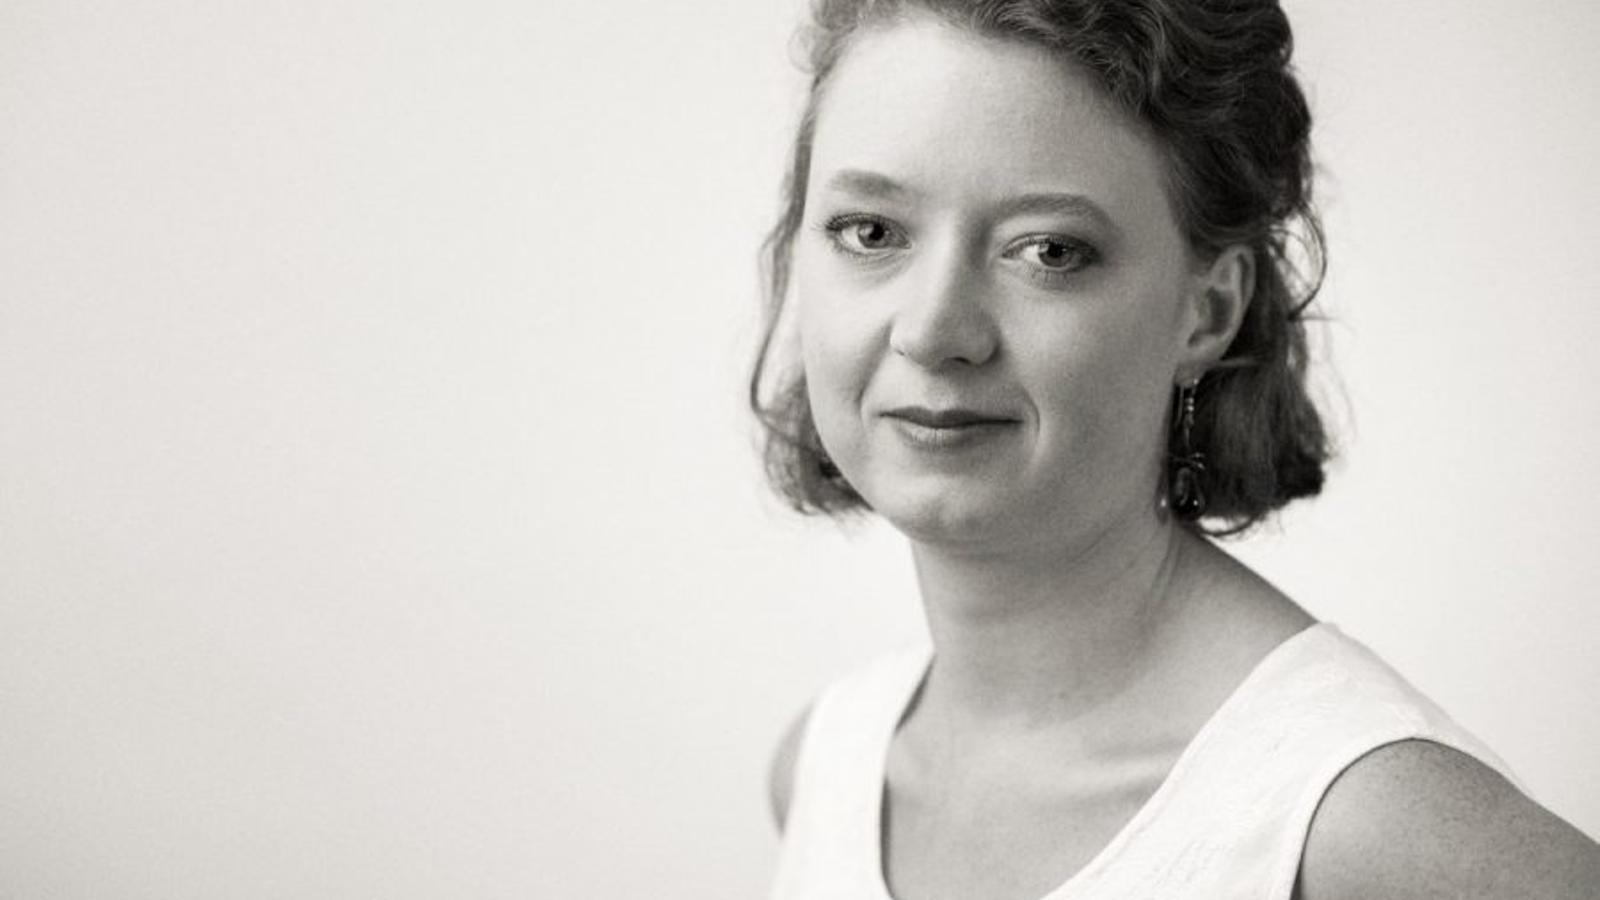 El teatre Xesc Forteza acull una cita més del Festival Alternatilla amb Sanne Huijbregts